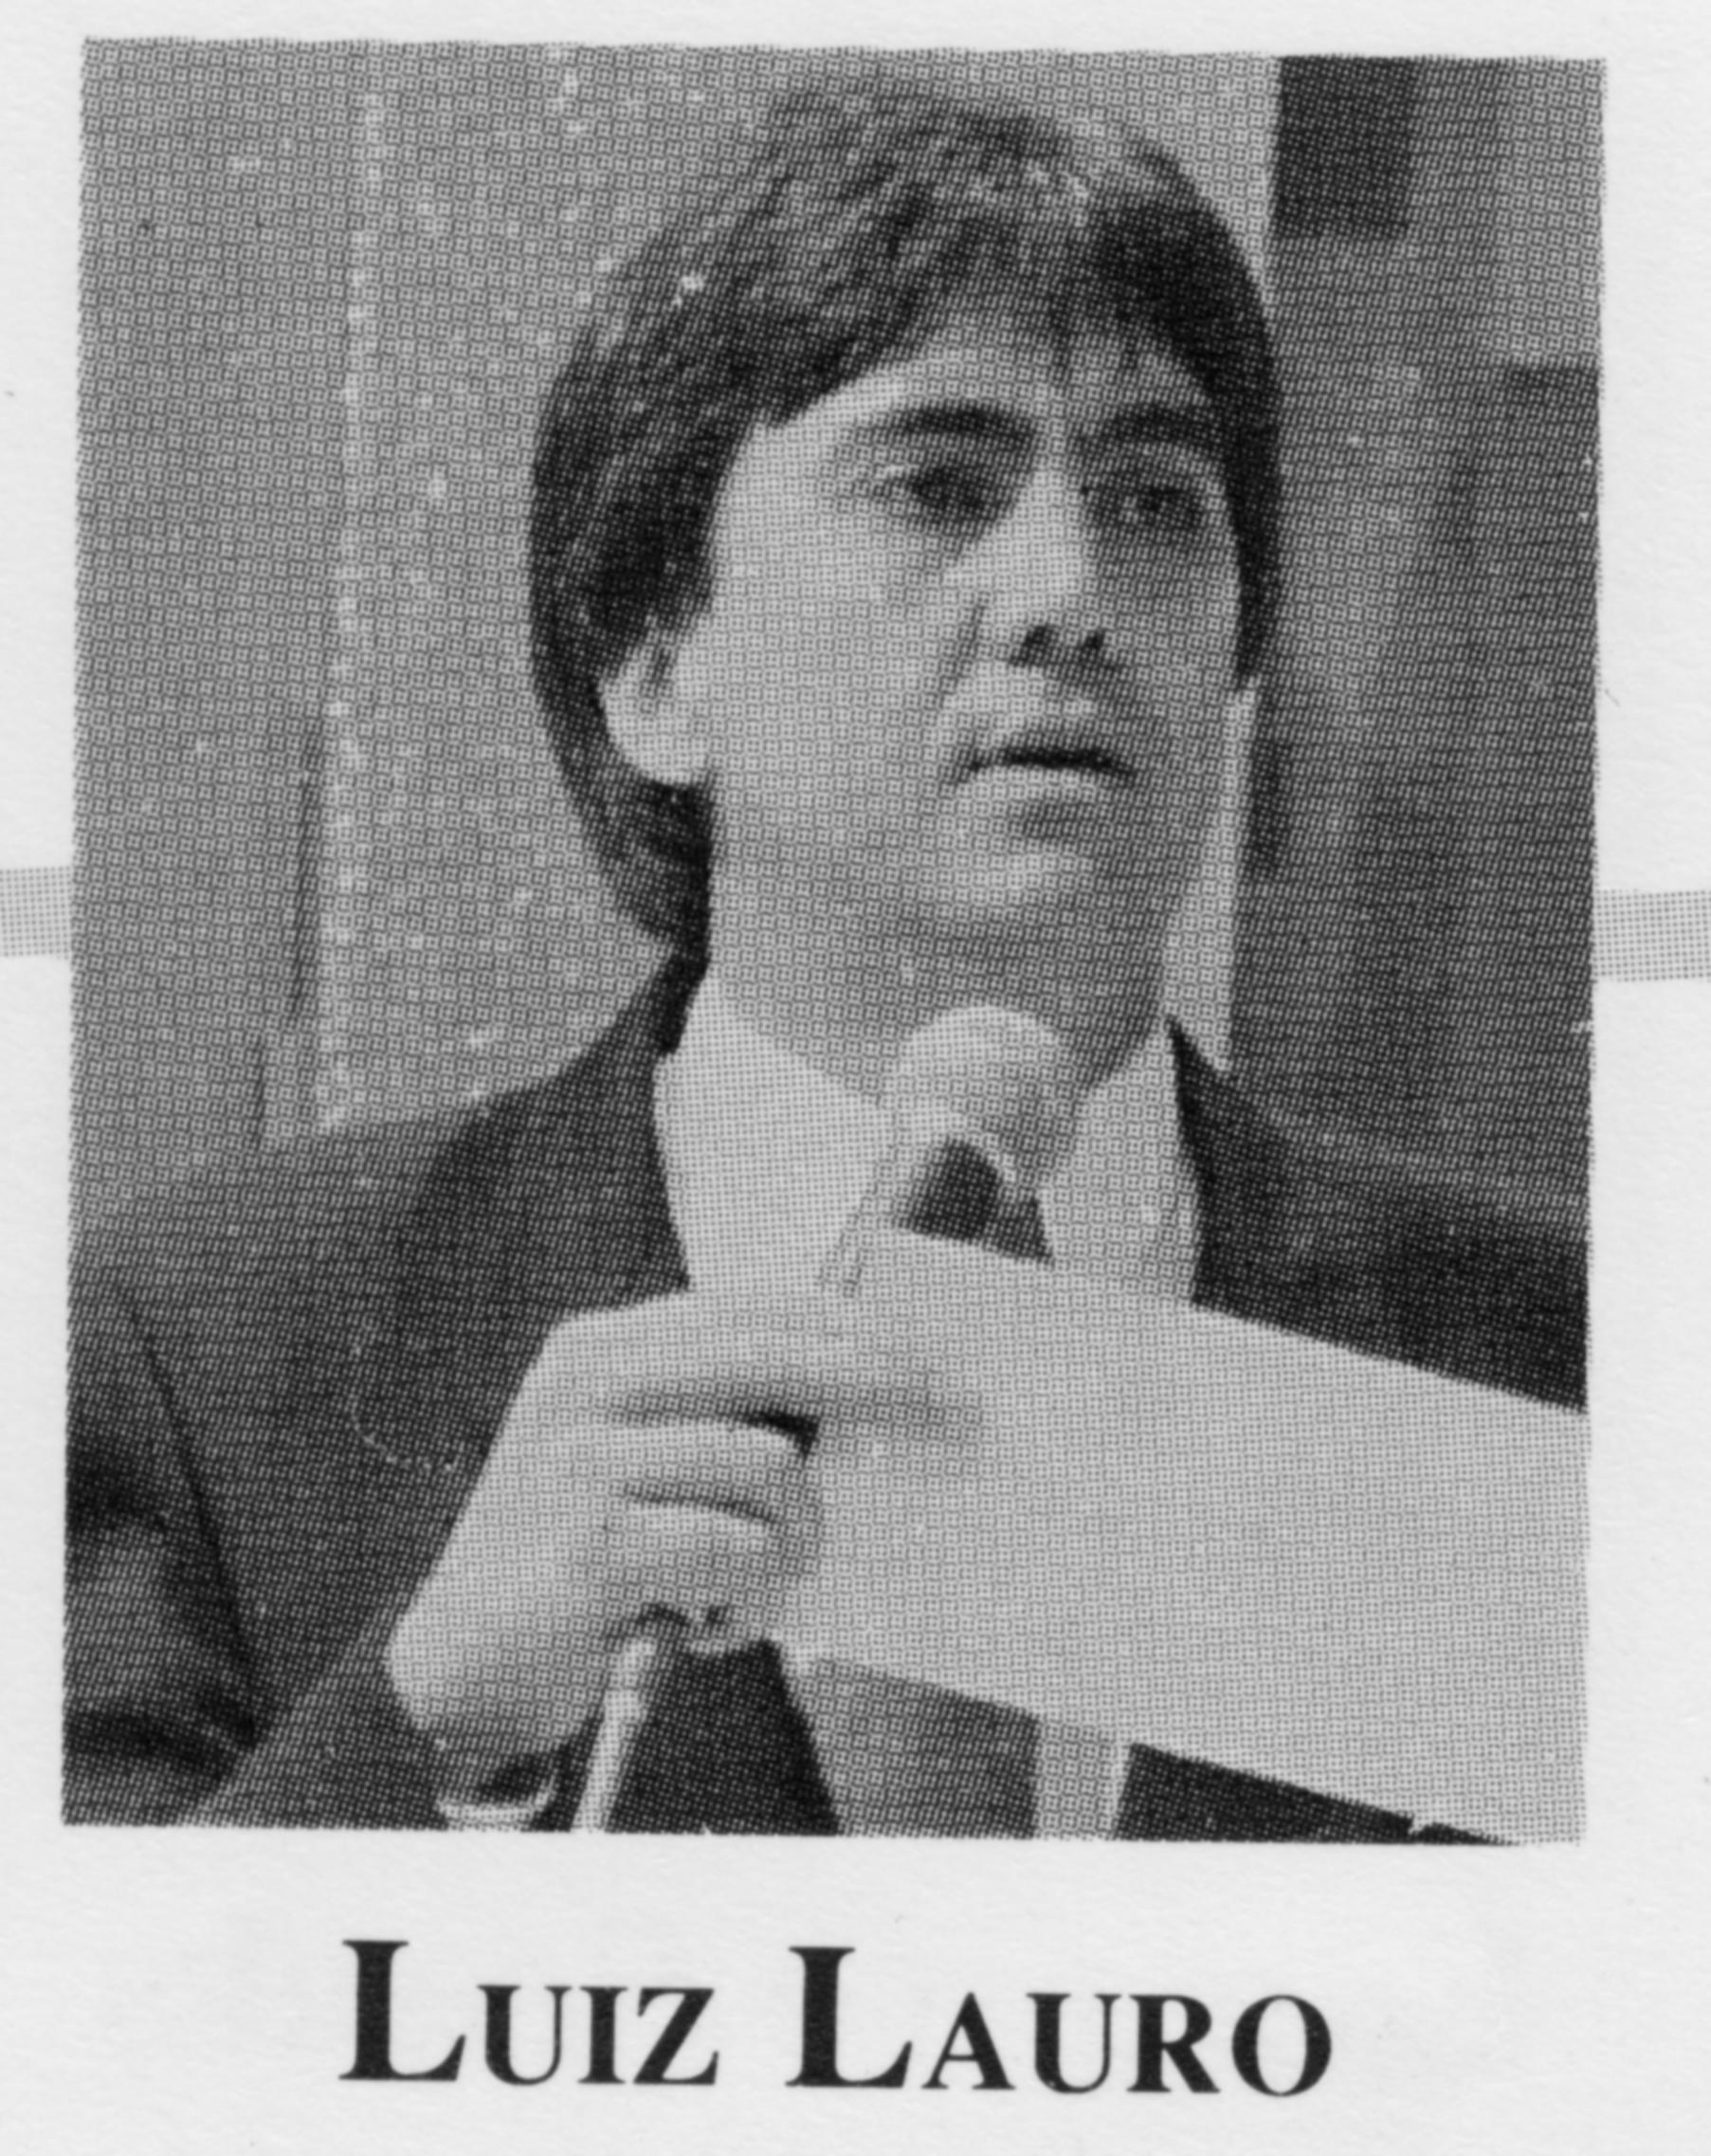 Luiz Lauro